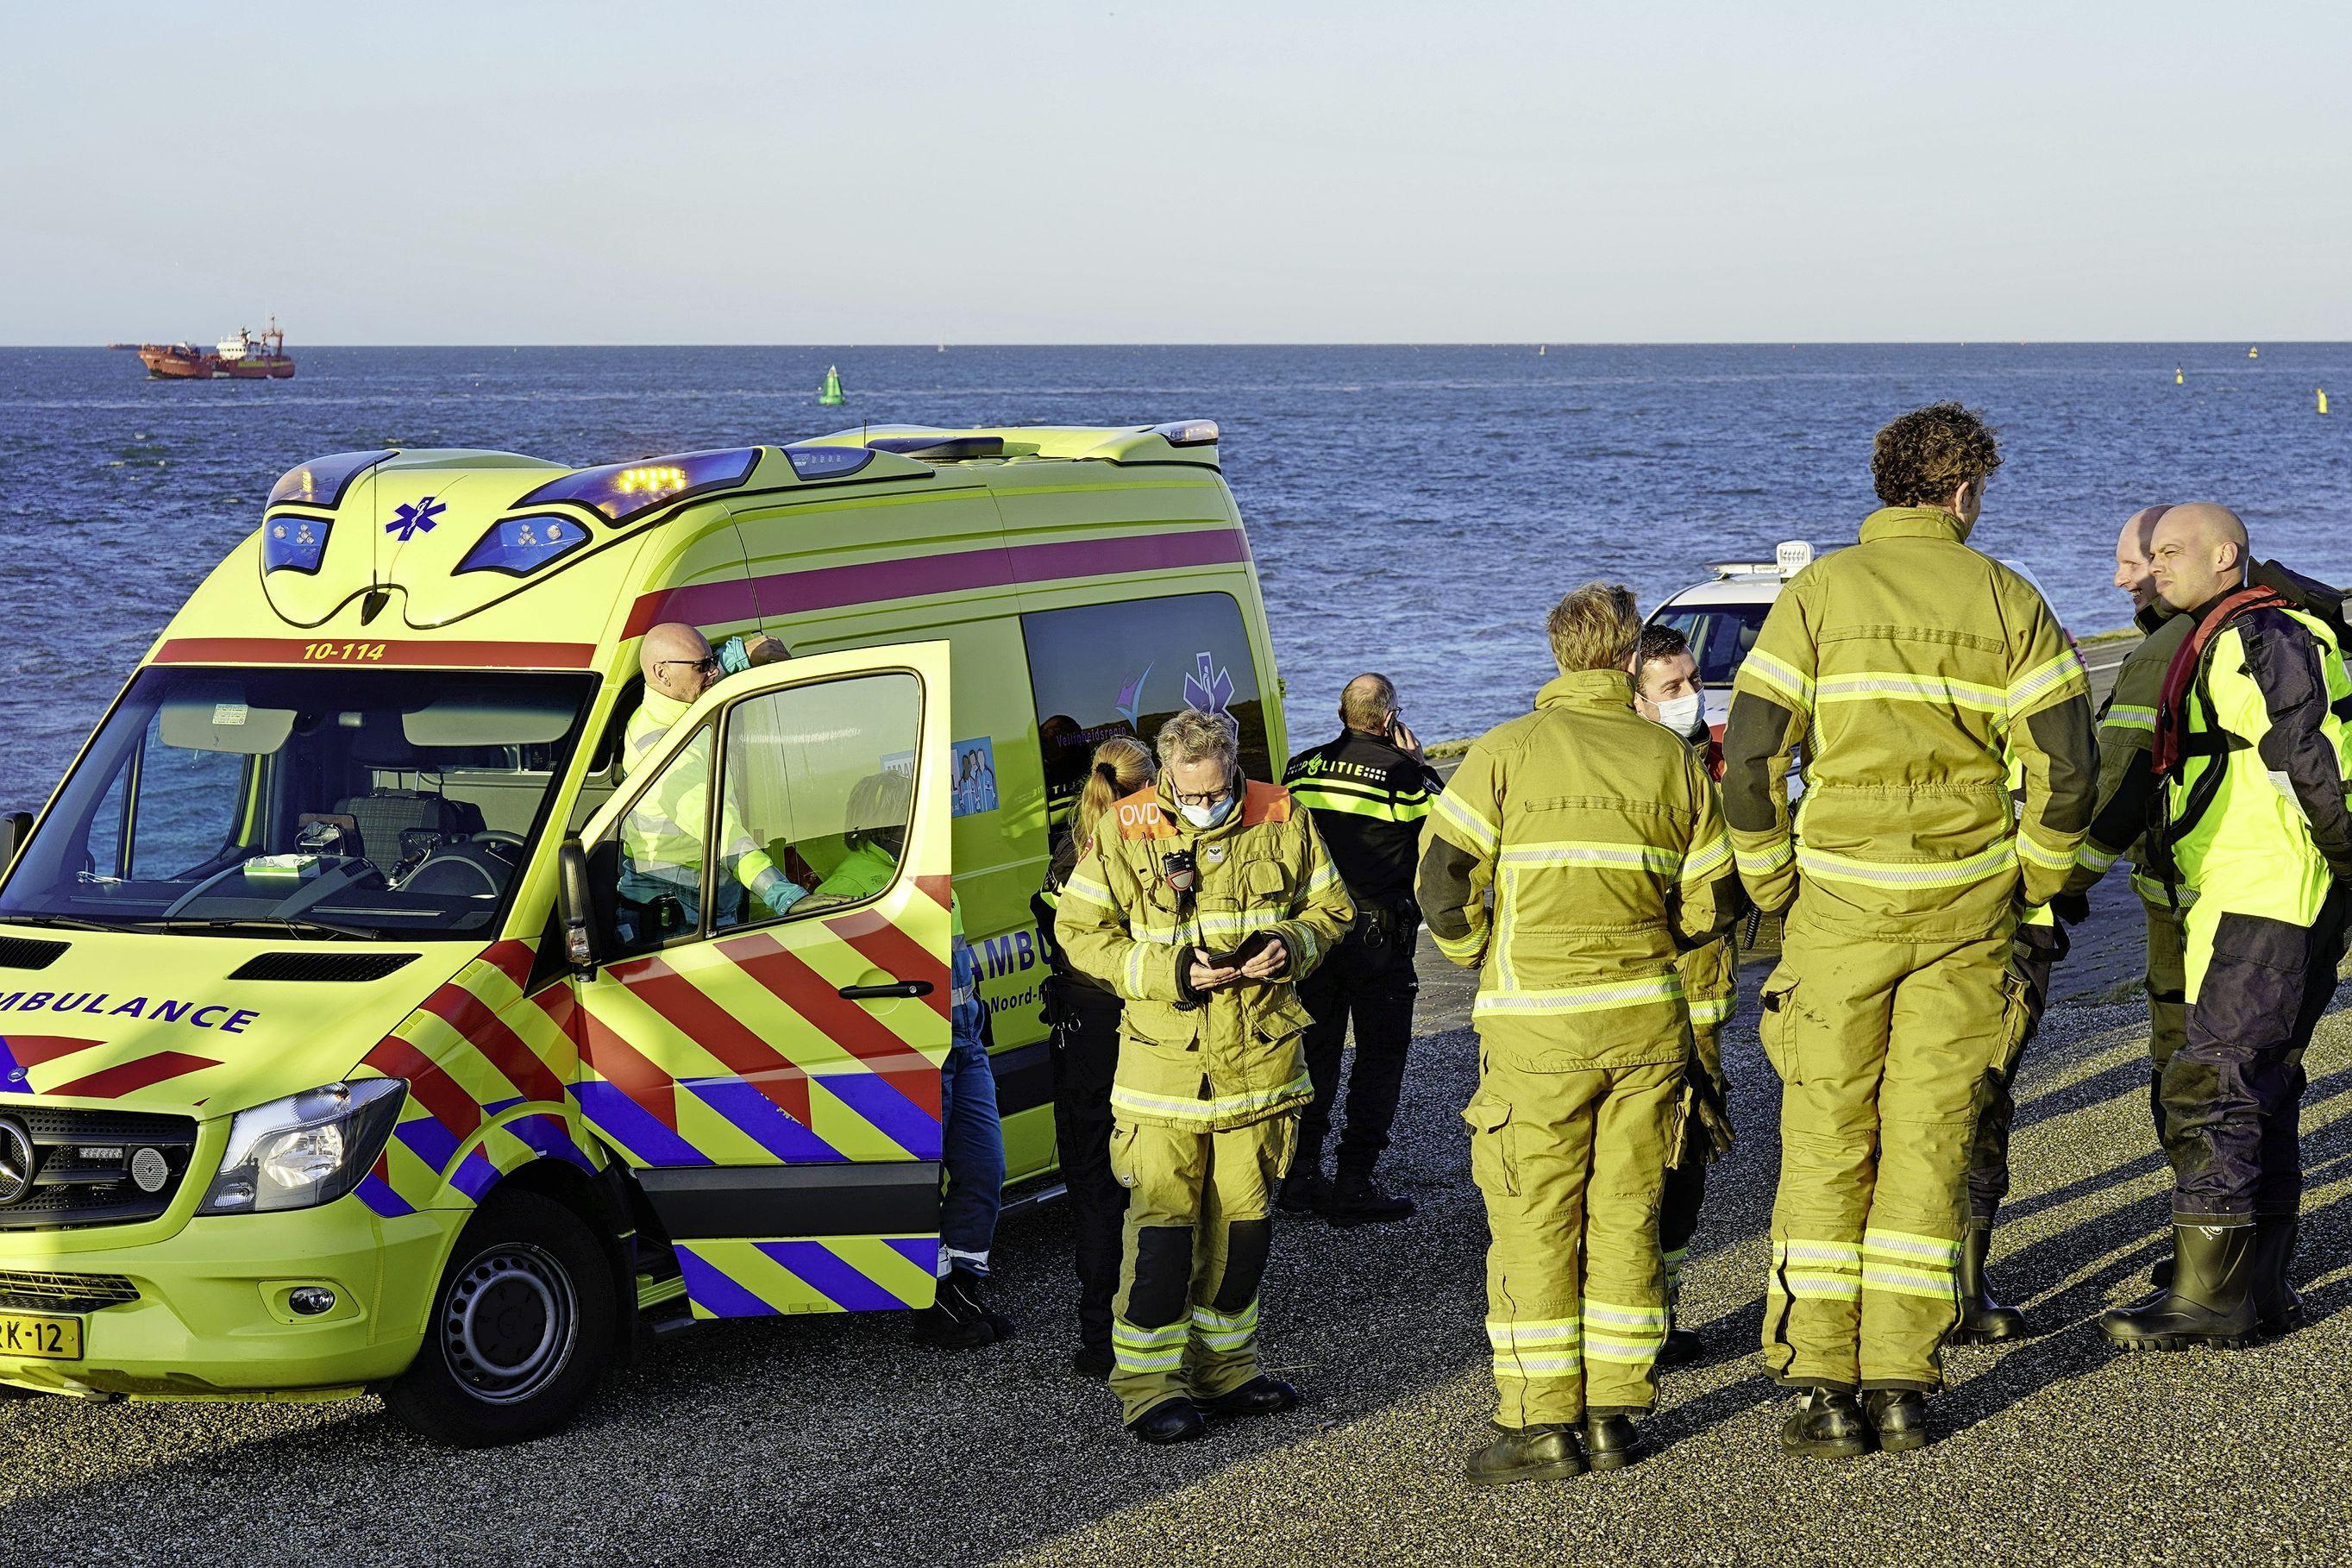 Hulpdiensten staken massale zoekactie naar mogelijke drenkeling in Marsdiep in Den Helder [update]